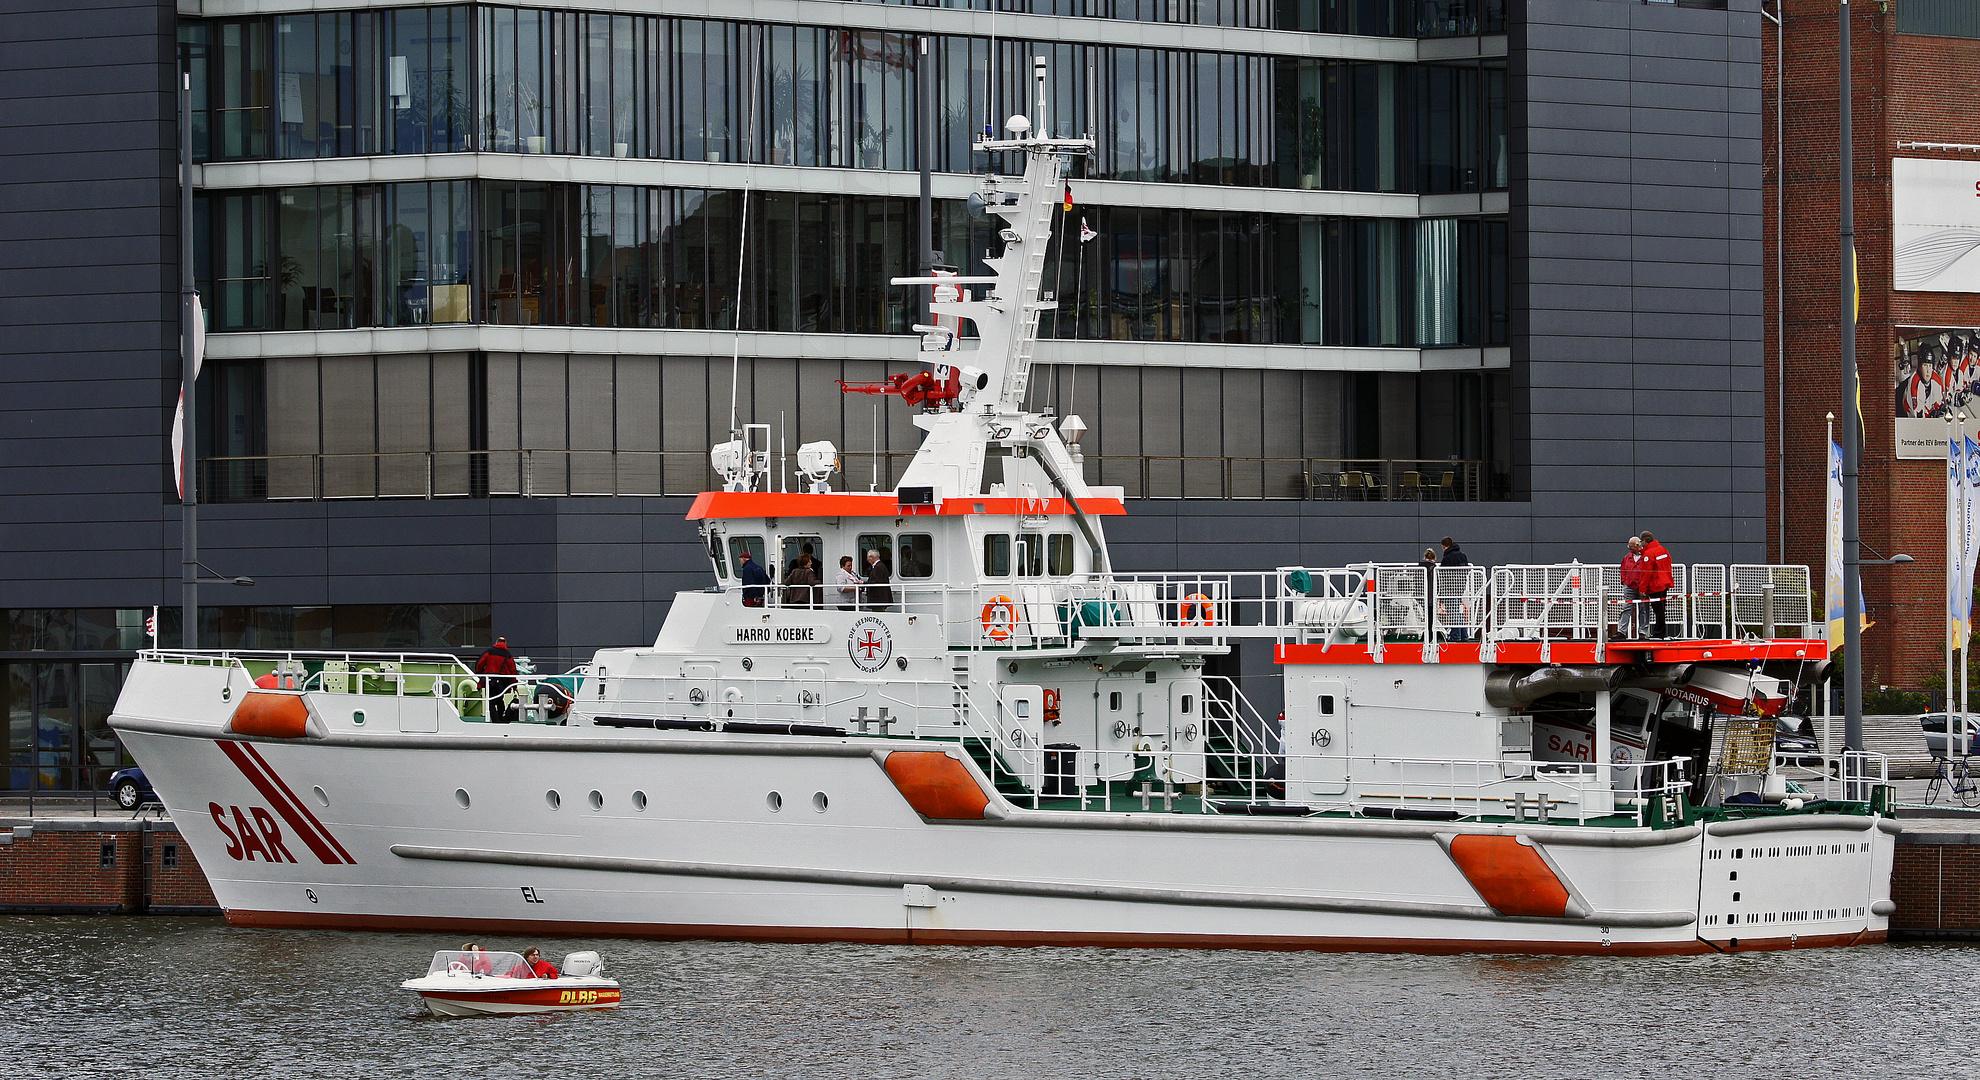 Seenotkreuzer - Harro Koebke